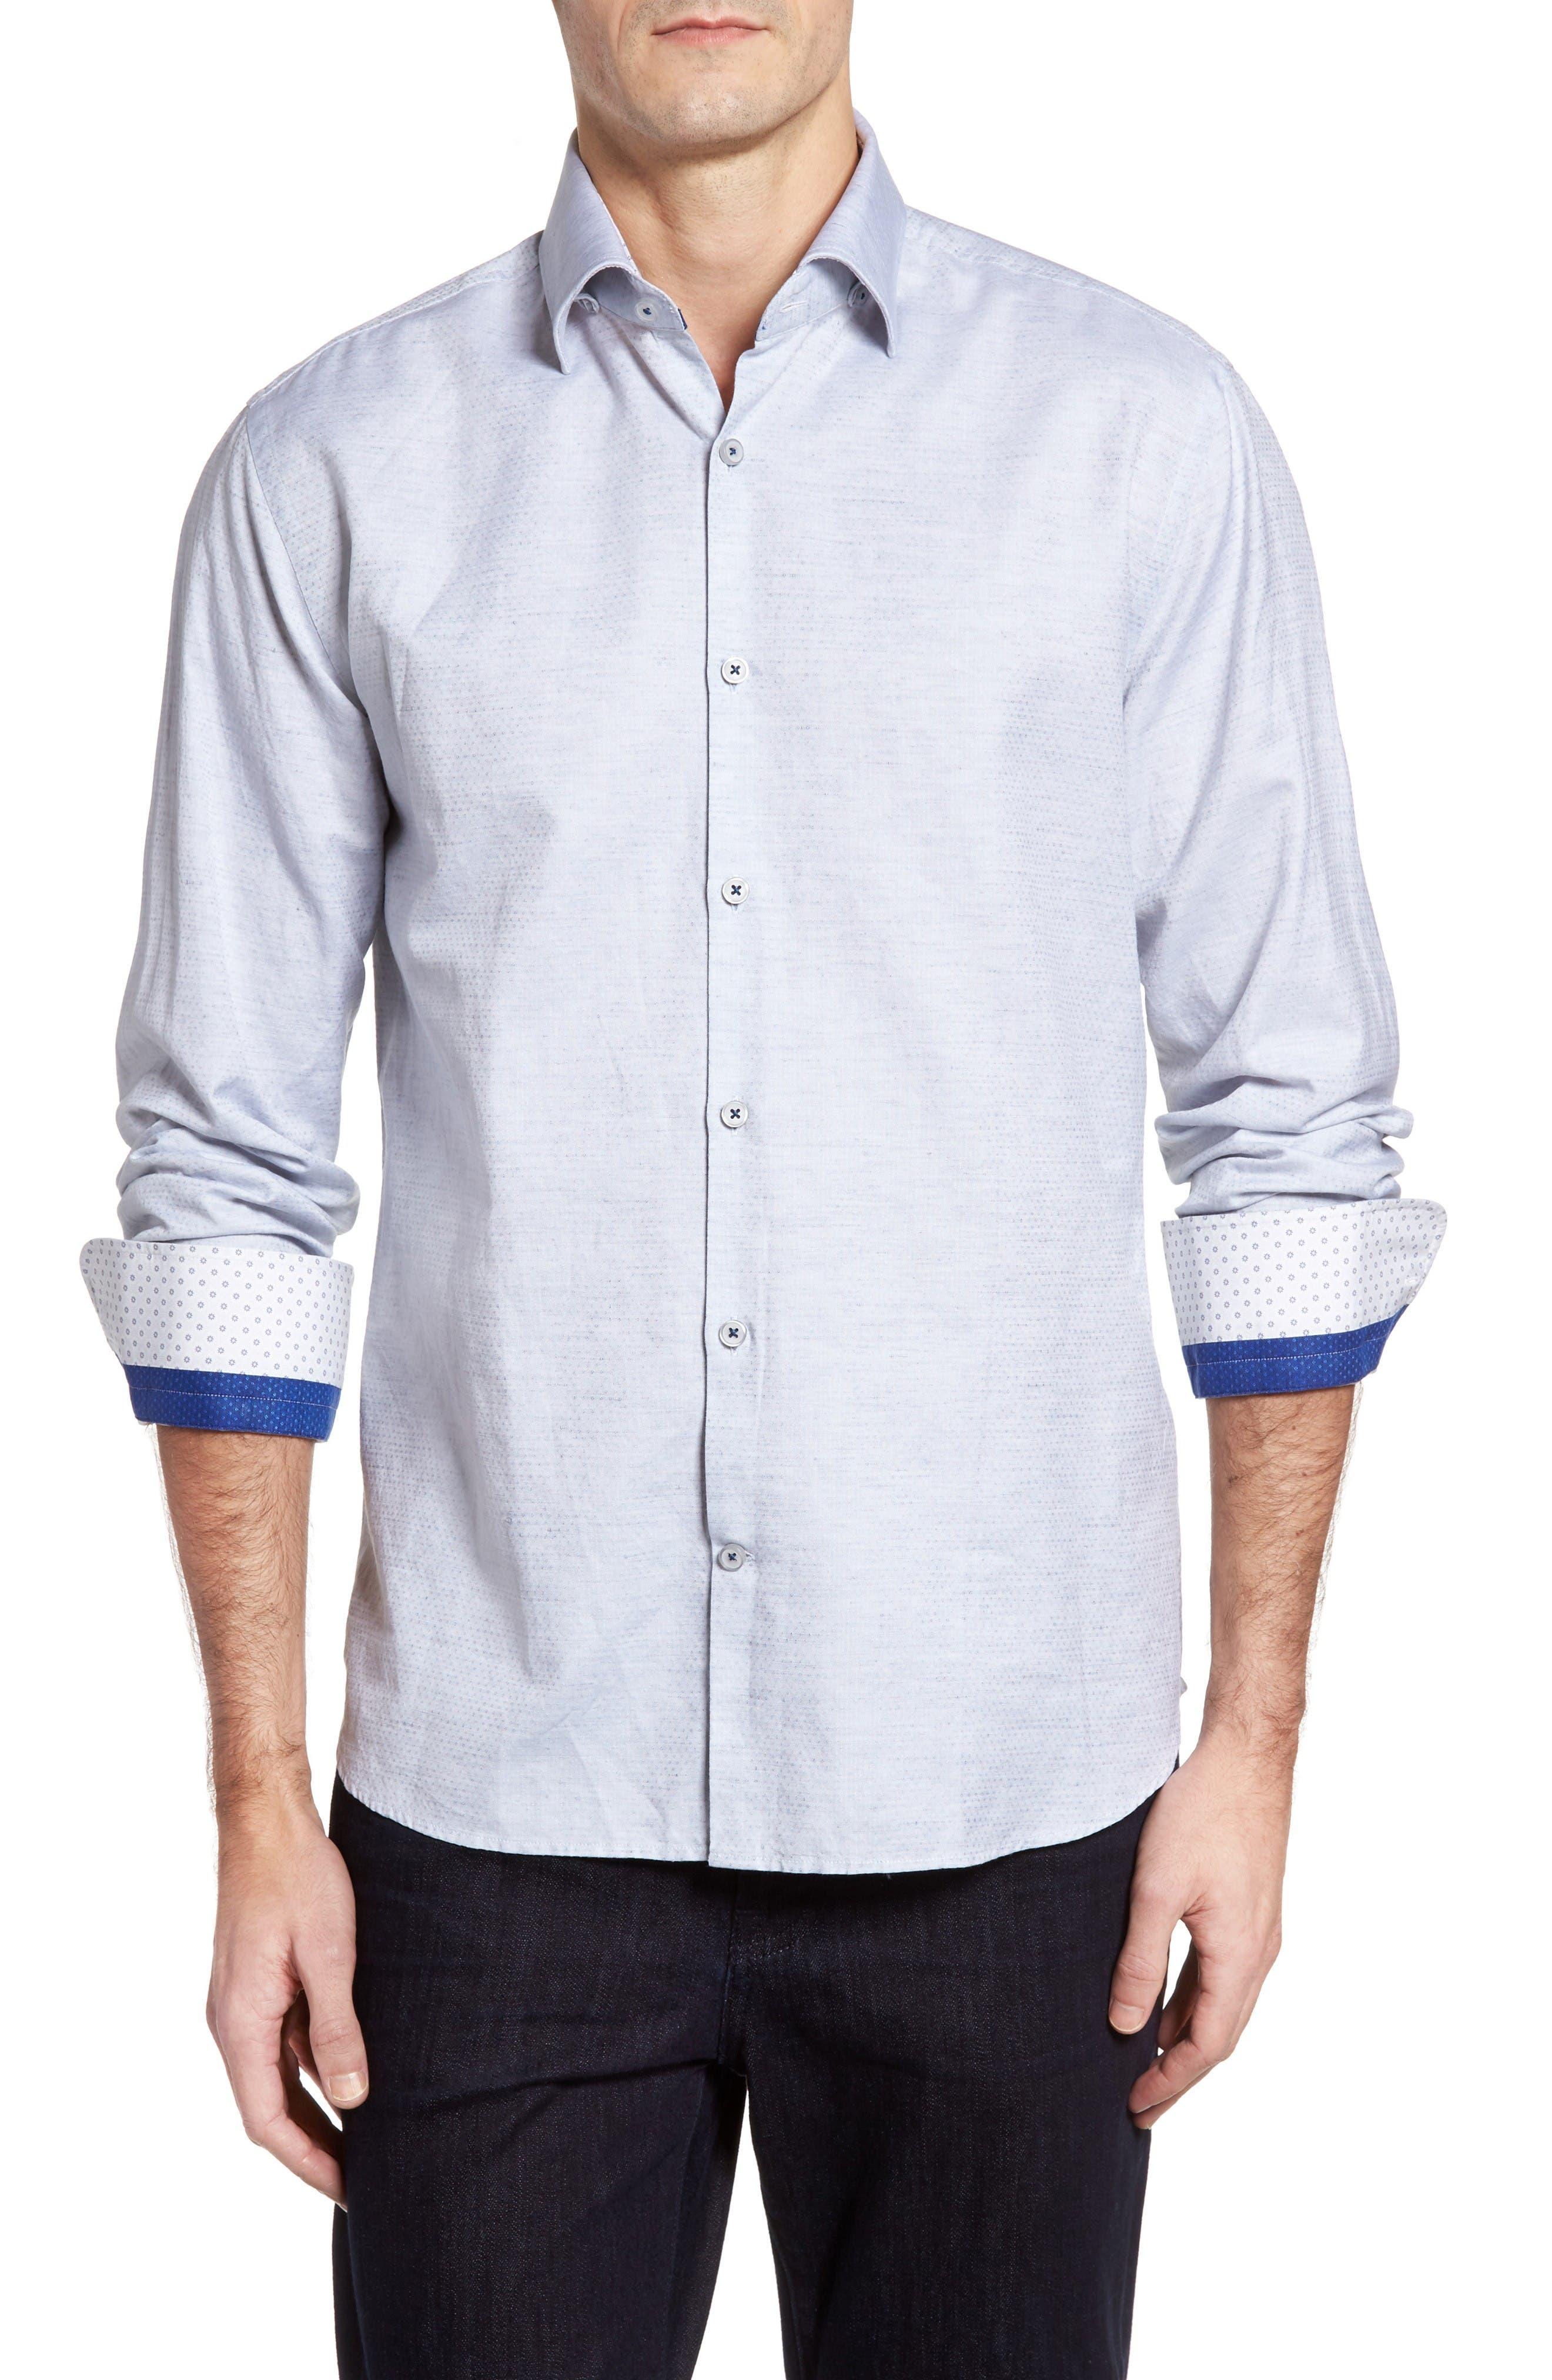 Alternate Image 1 Selected - Stone Rose Dobby Cotton & Linen Sport Shirt